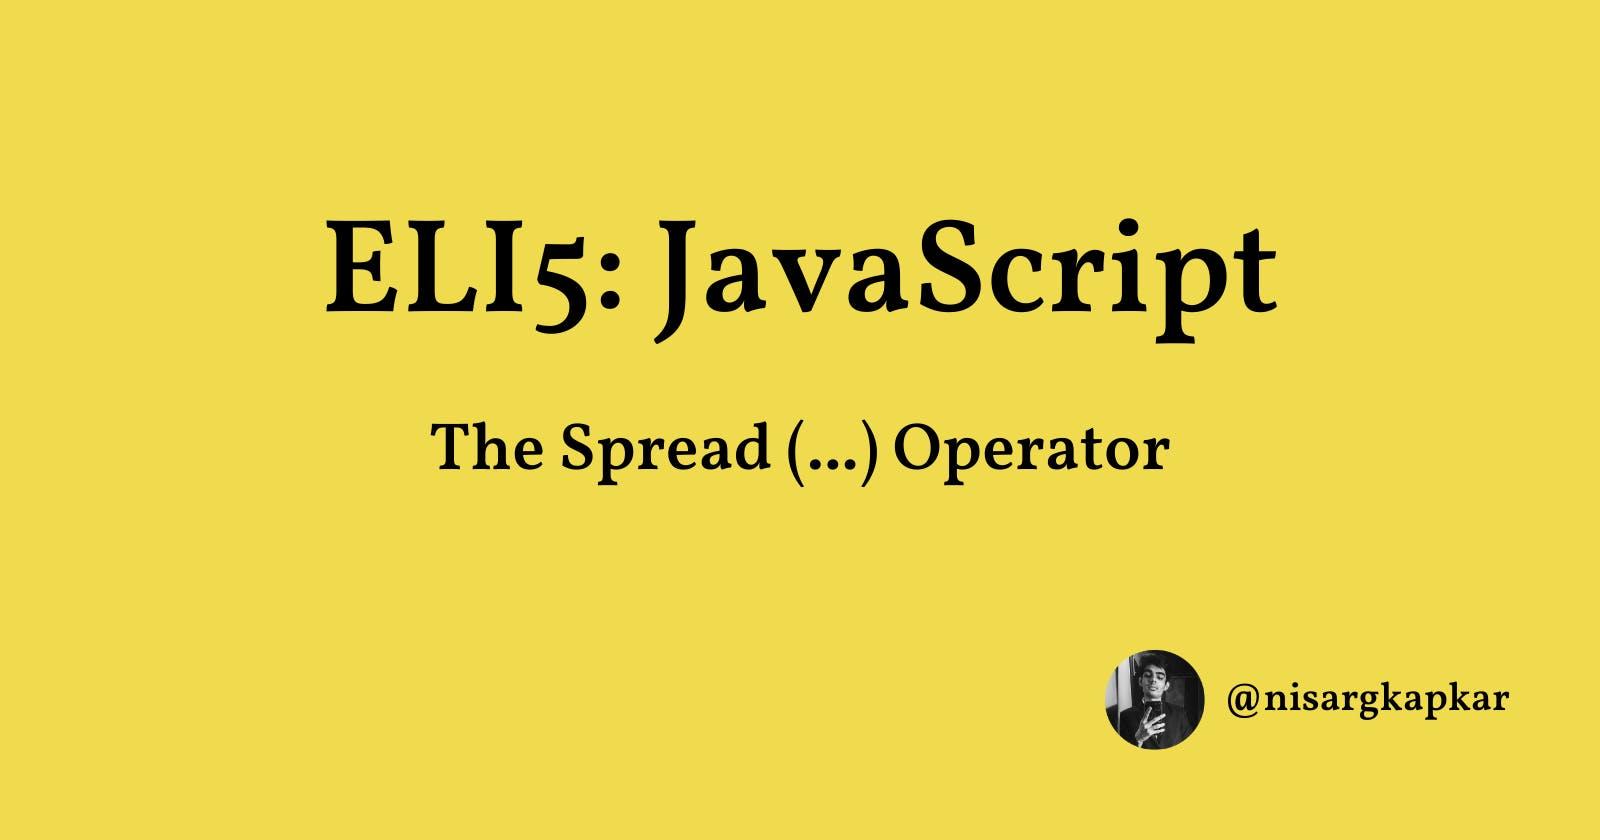 ELI5 JavaScript: The Spread Operator